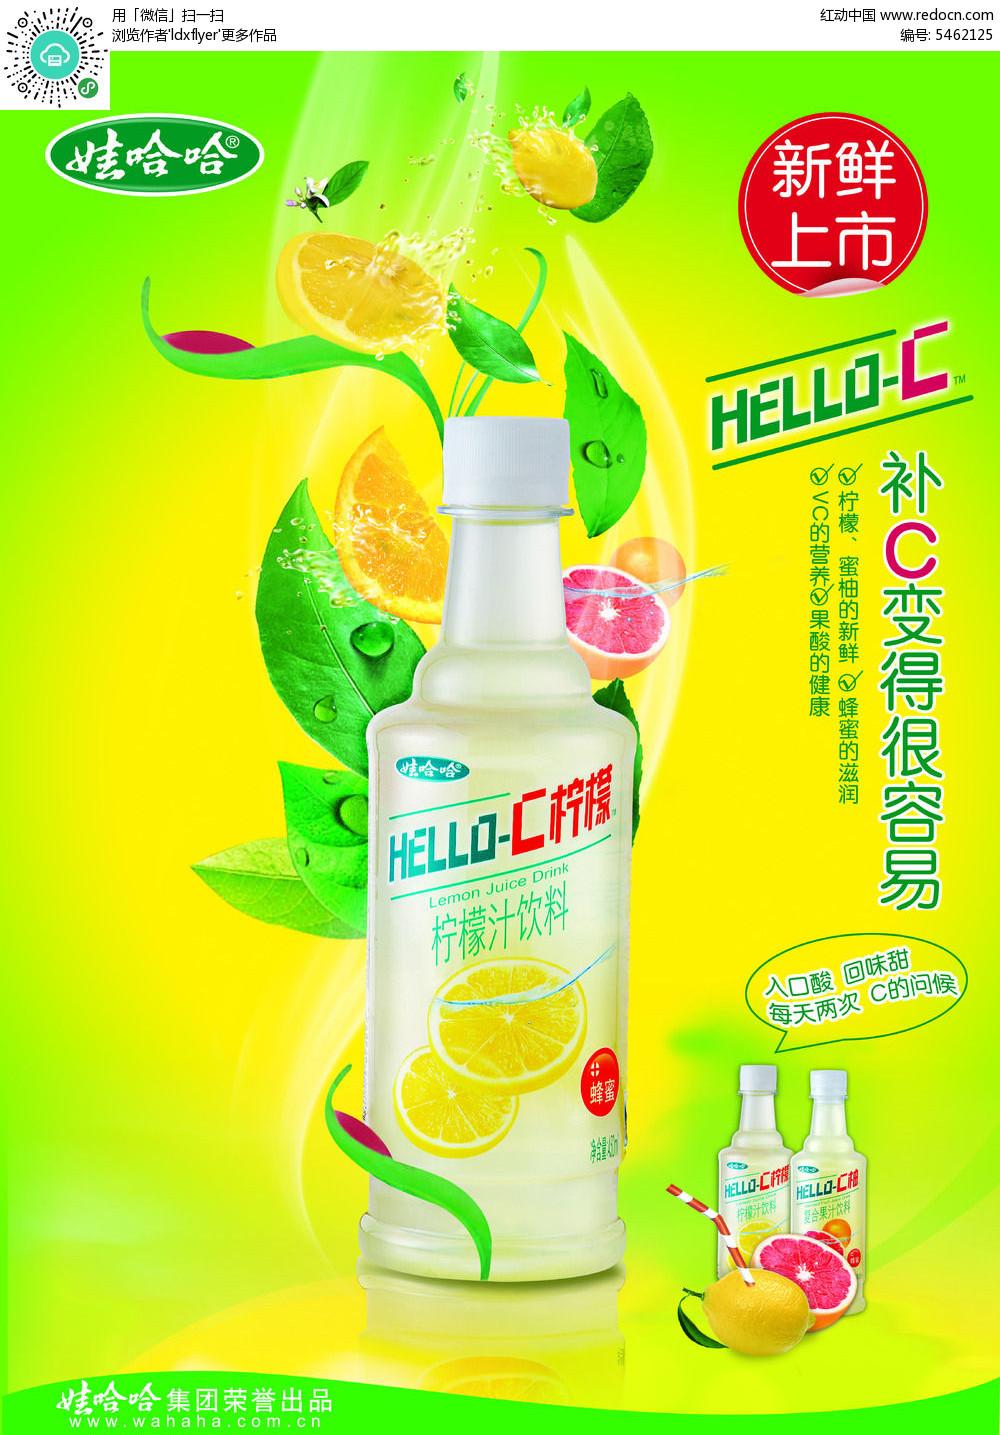 娃哈哈柠檬汁饮料广告图片